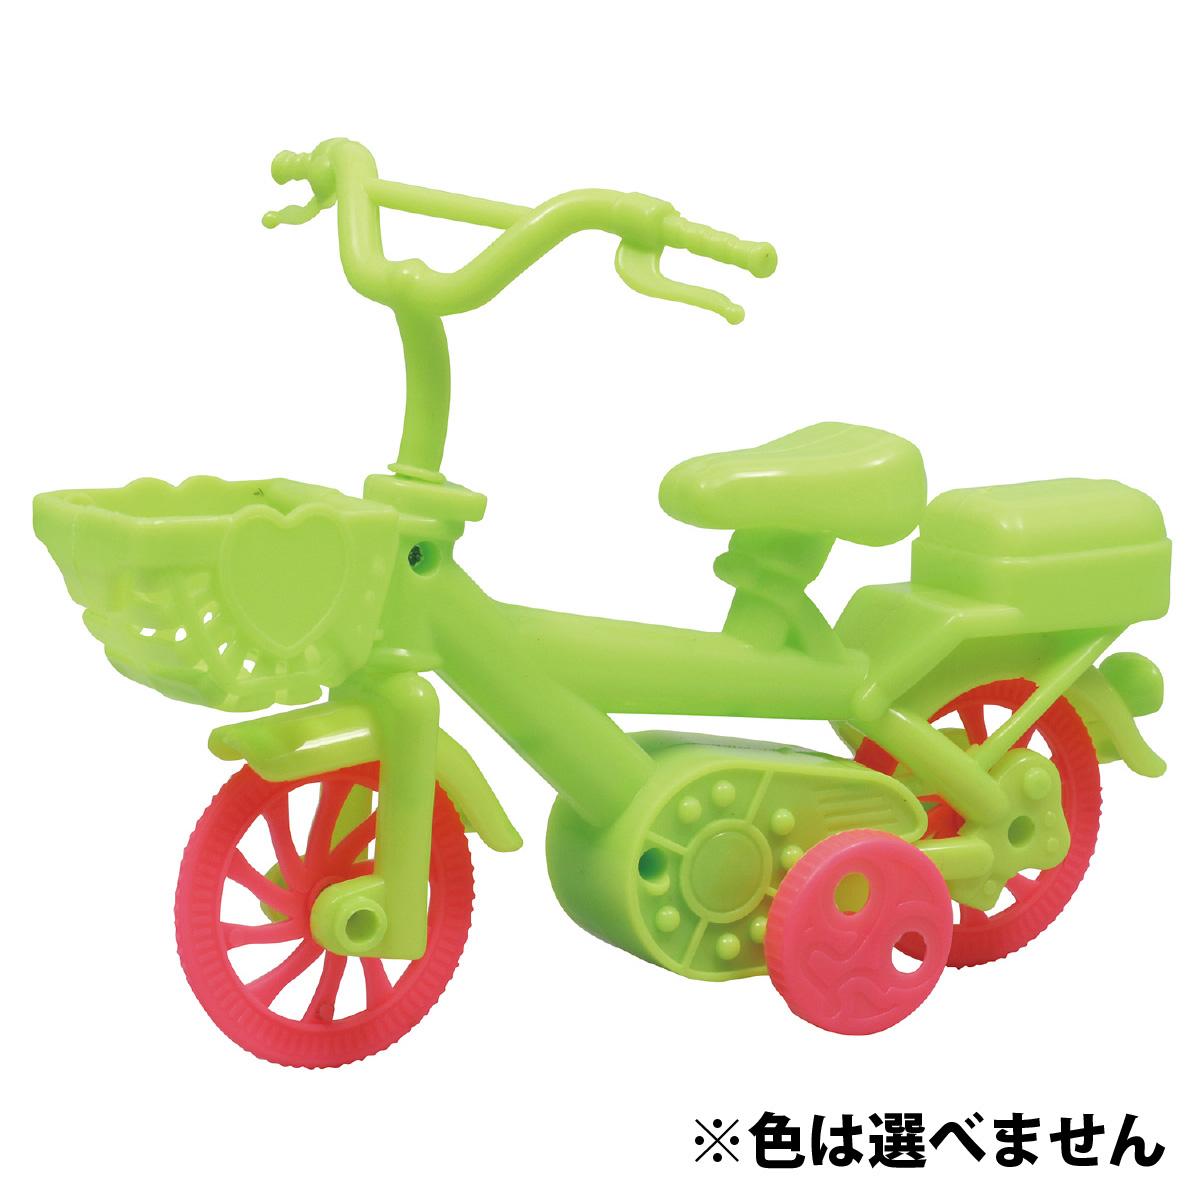 プルバックバイク アーテック おもちゃ 幼児 キッズ 子供 クリスマスプレゼント